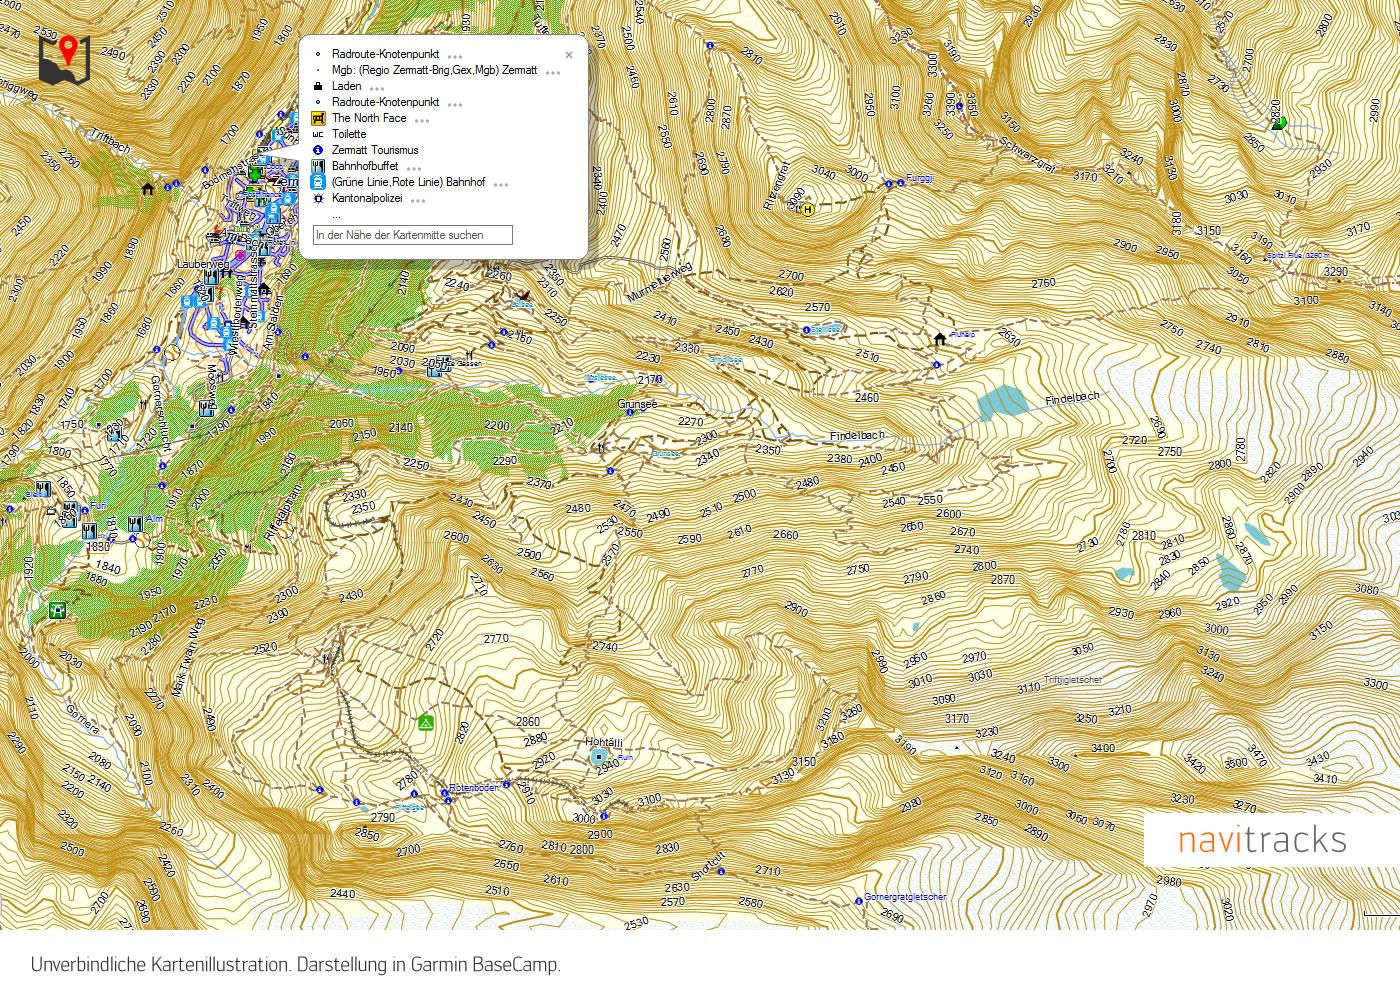 Topographische Karte Ungarn.Ungarn Topo Gps Karte Garmin Download